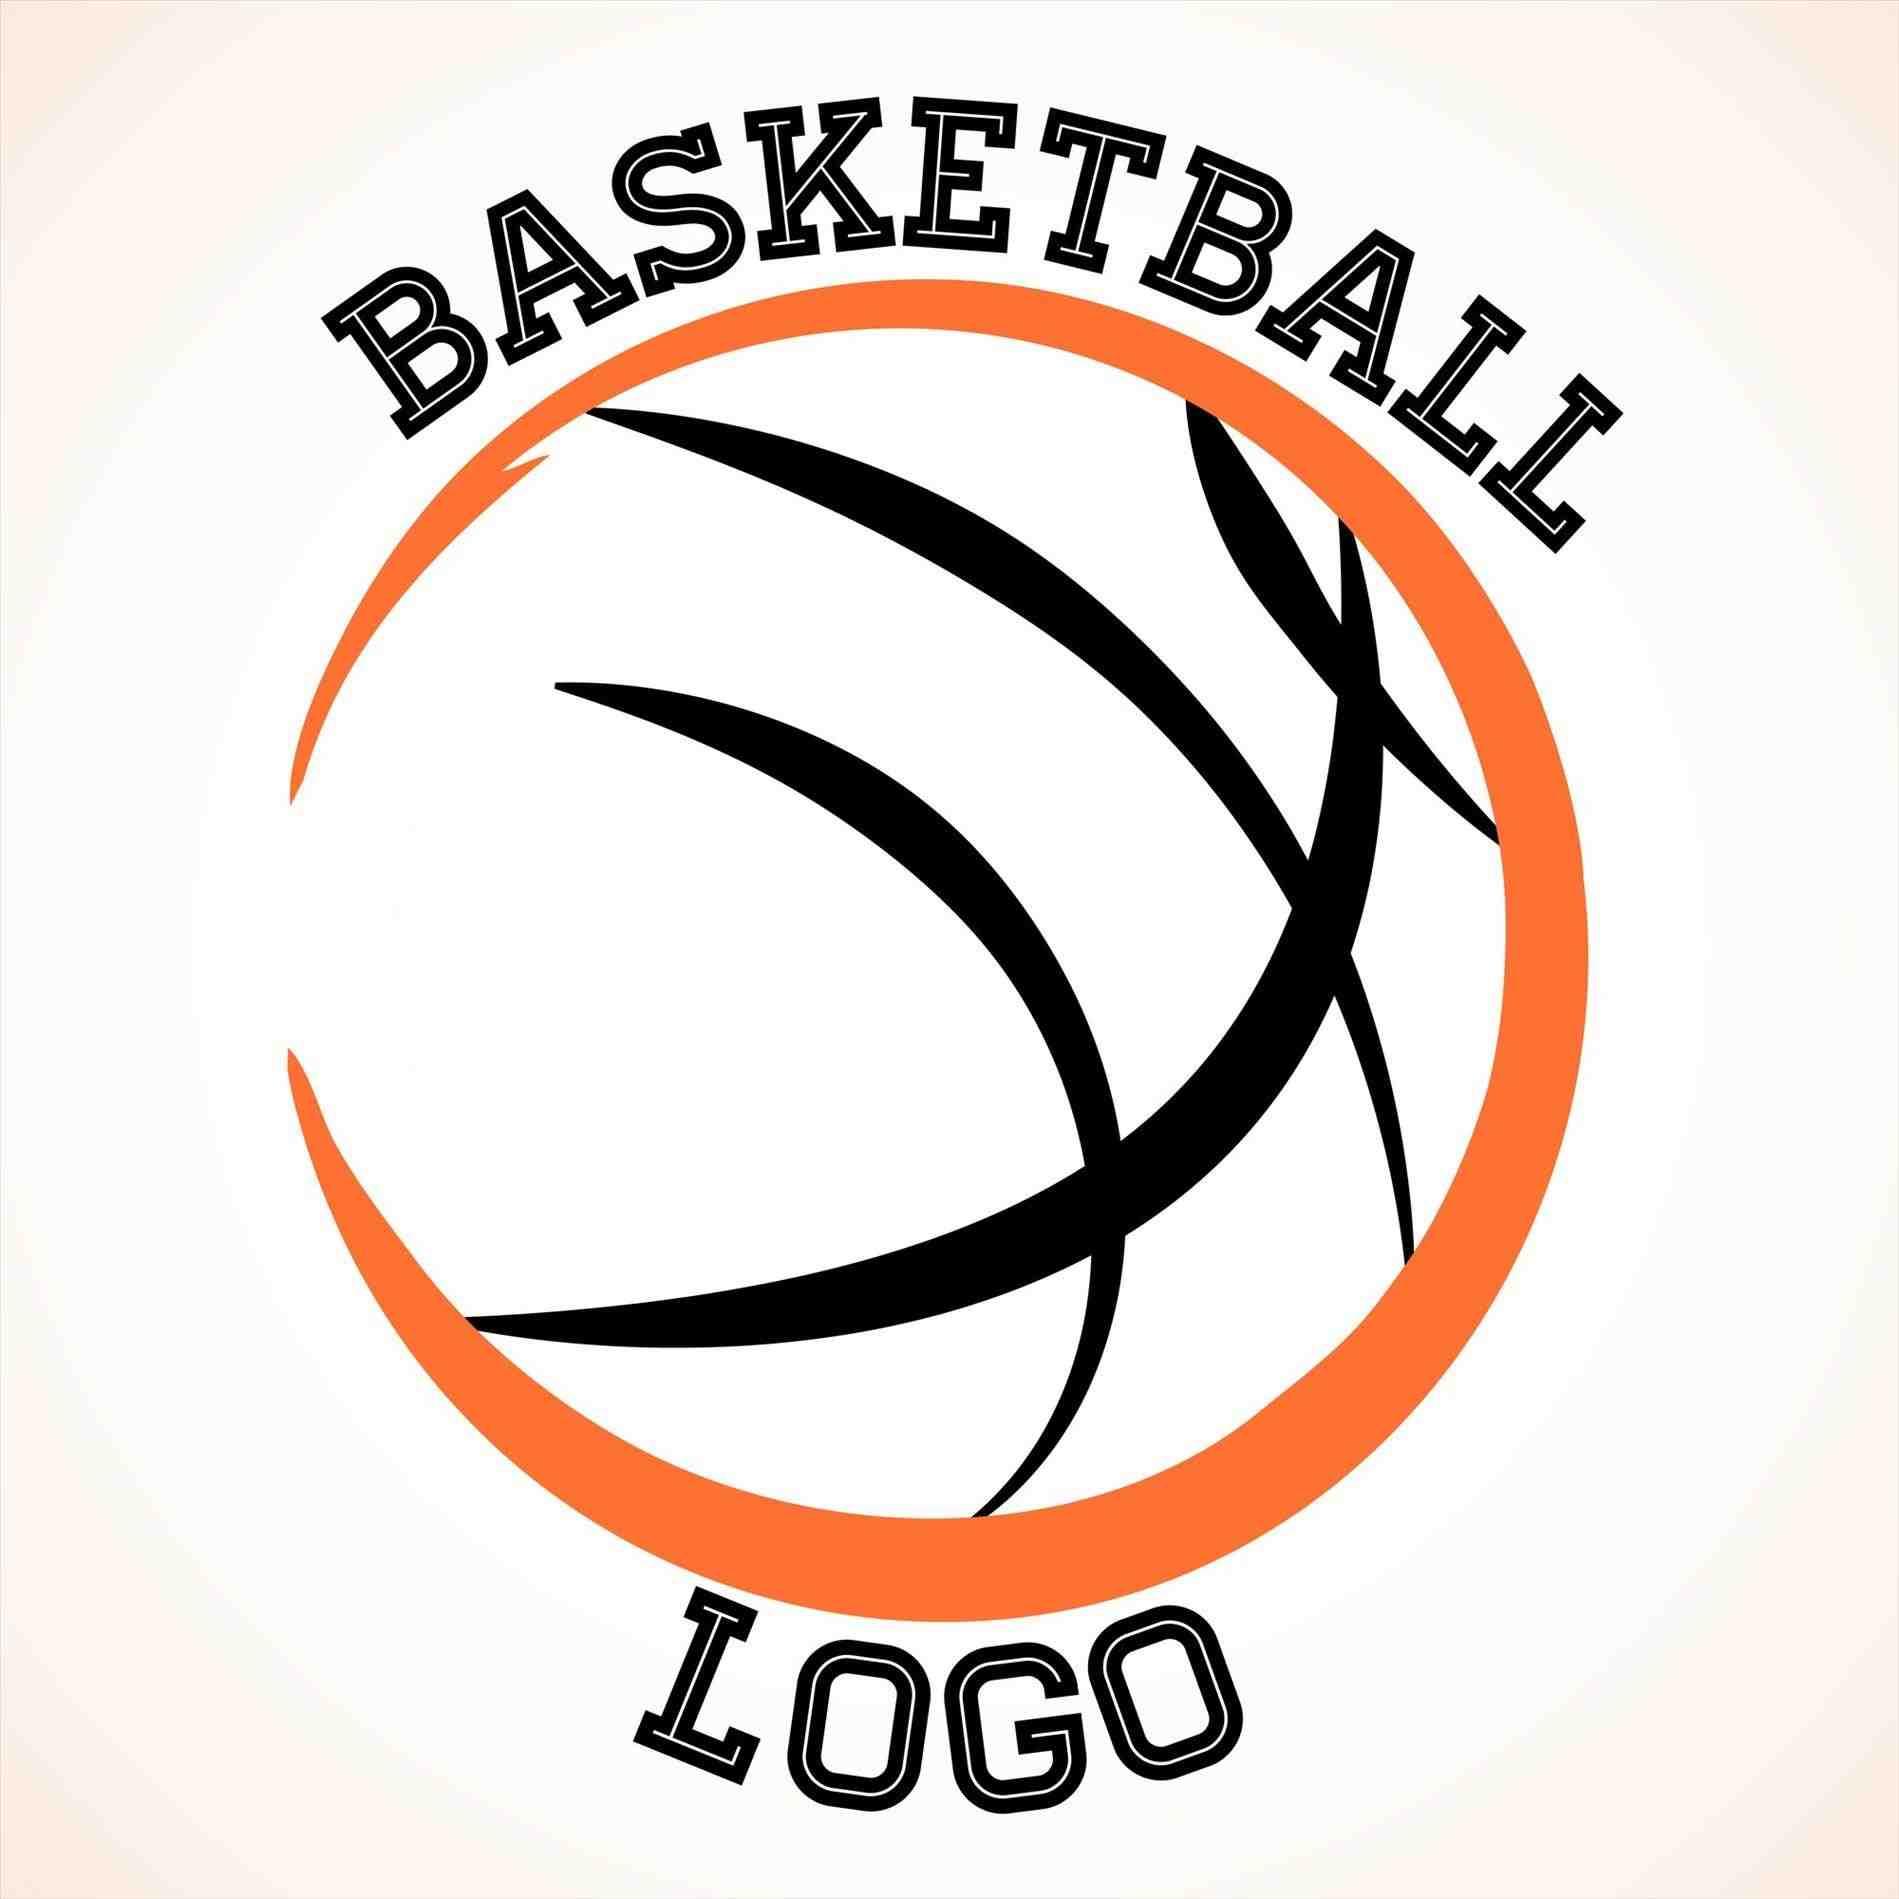 1899x1899 Basketball Logos Clip Art Nfltou